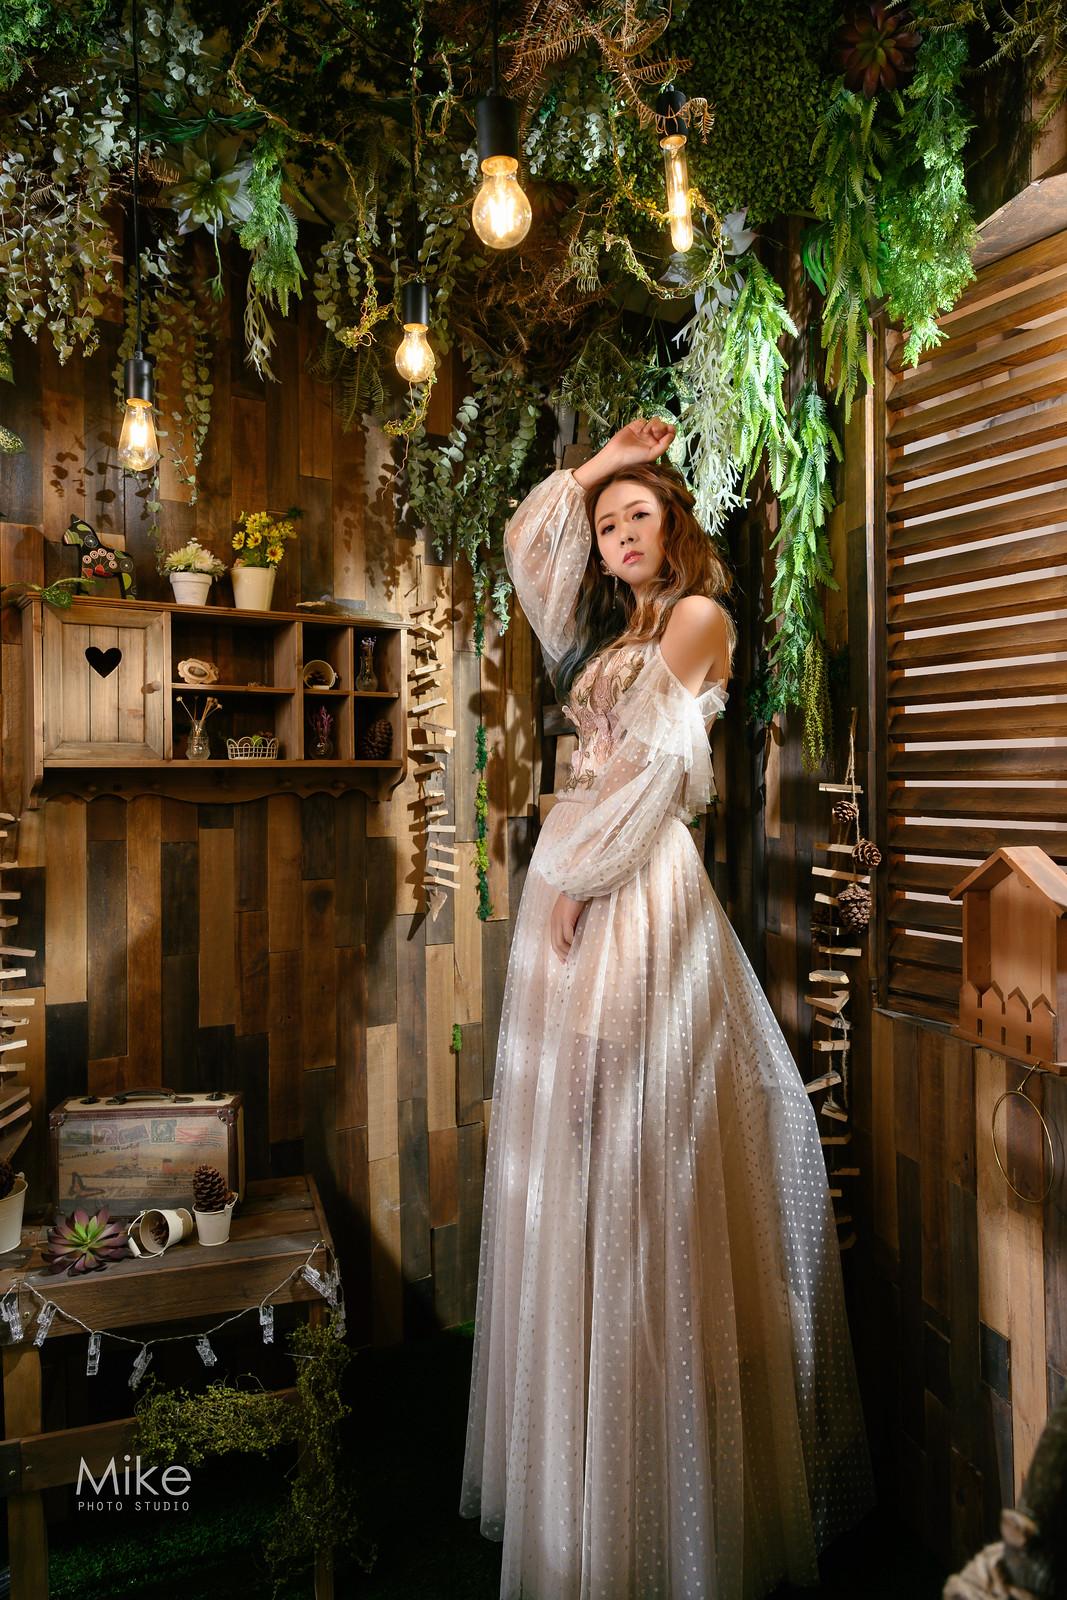 """""""藝術寫真,Papilio,光寓想享,婚攝Mike,婚禮攝影,婚攝推薦,婚攝價格,海外婚紗,海外婚禮,風格攝影師,新秘Juin,wedding"""""""